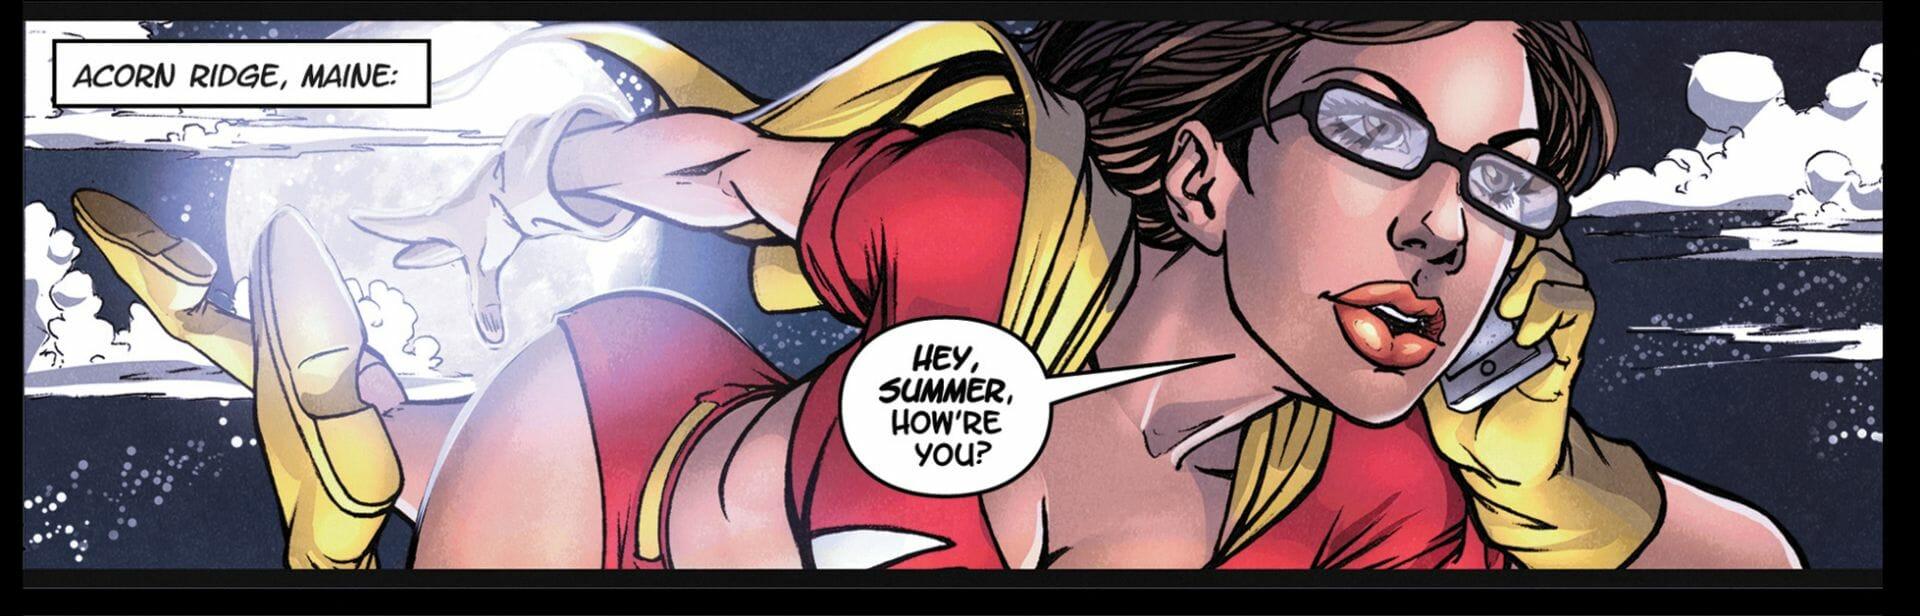 geek-girl-strip-1